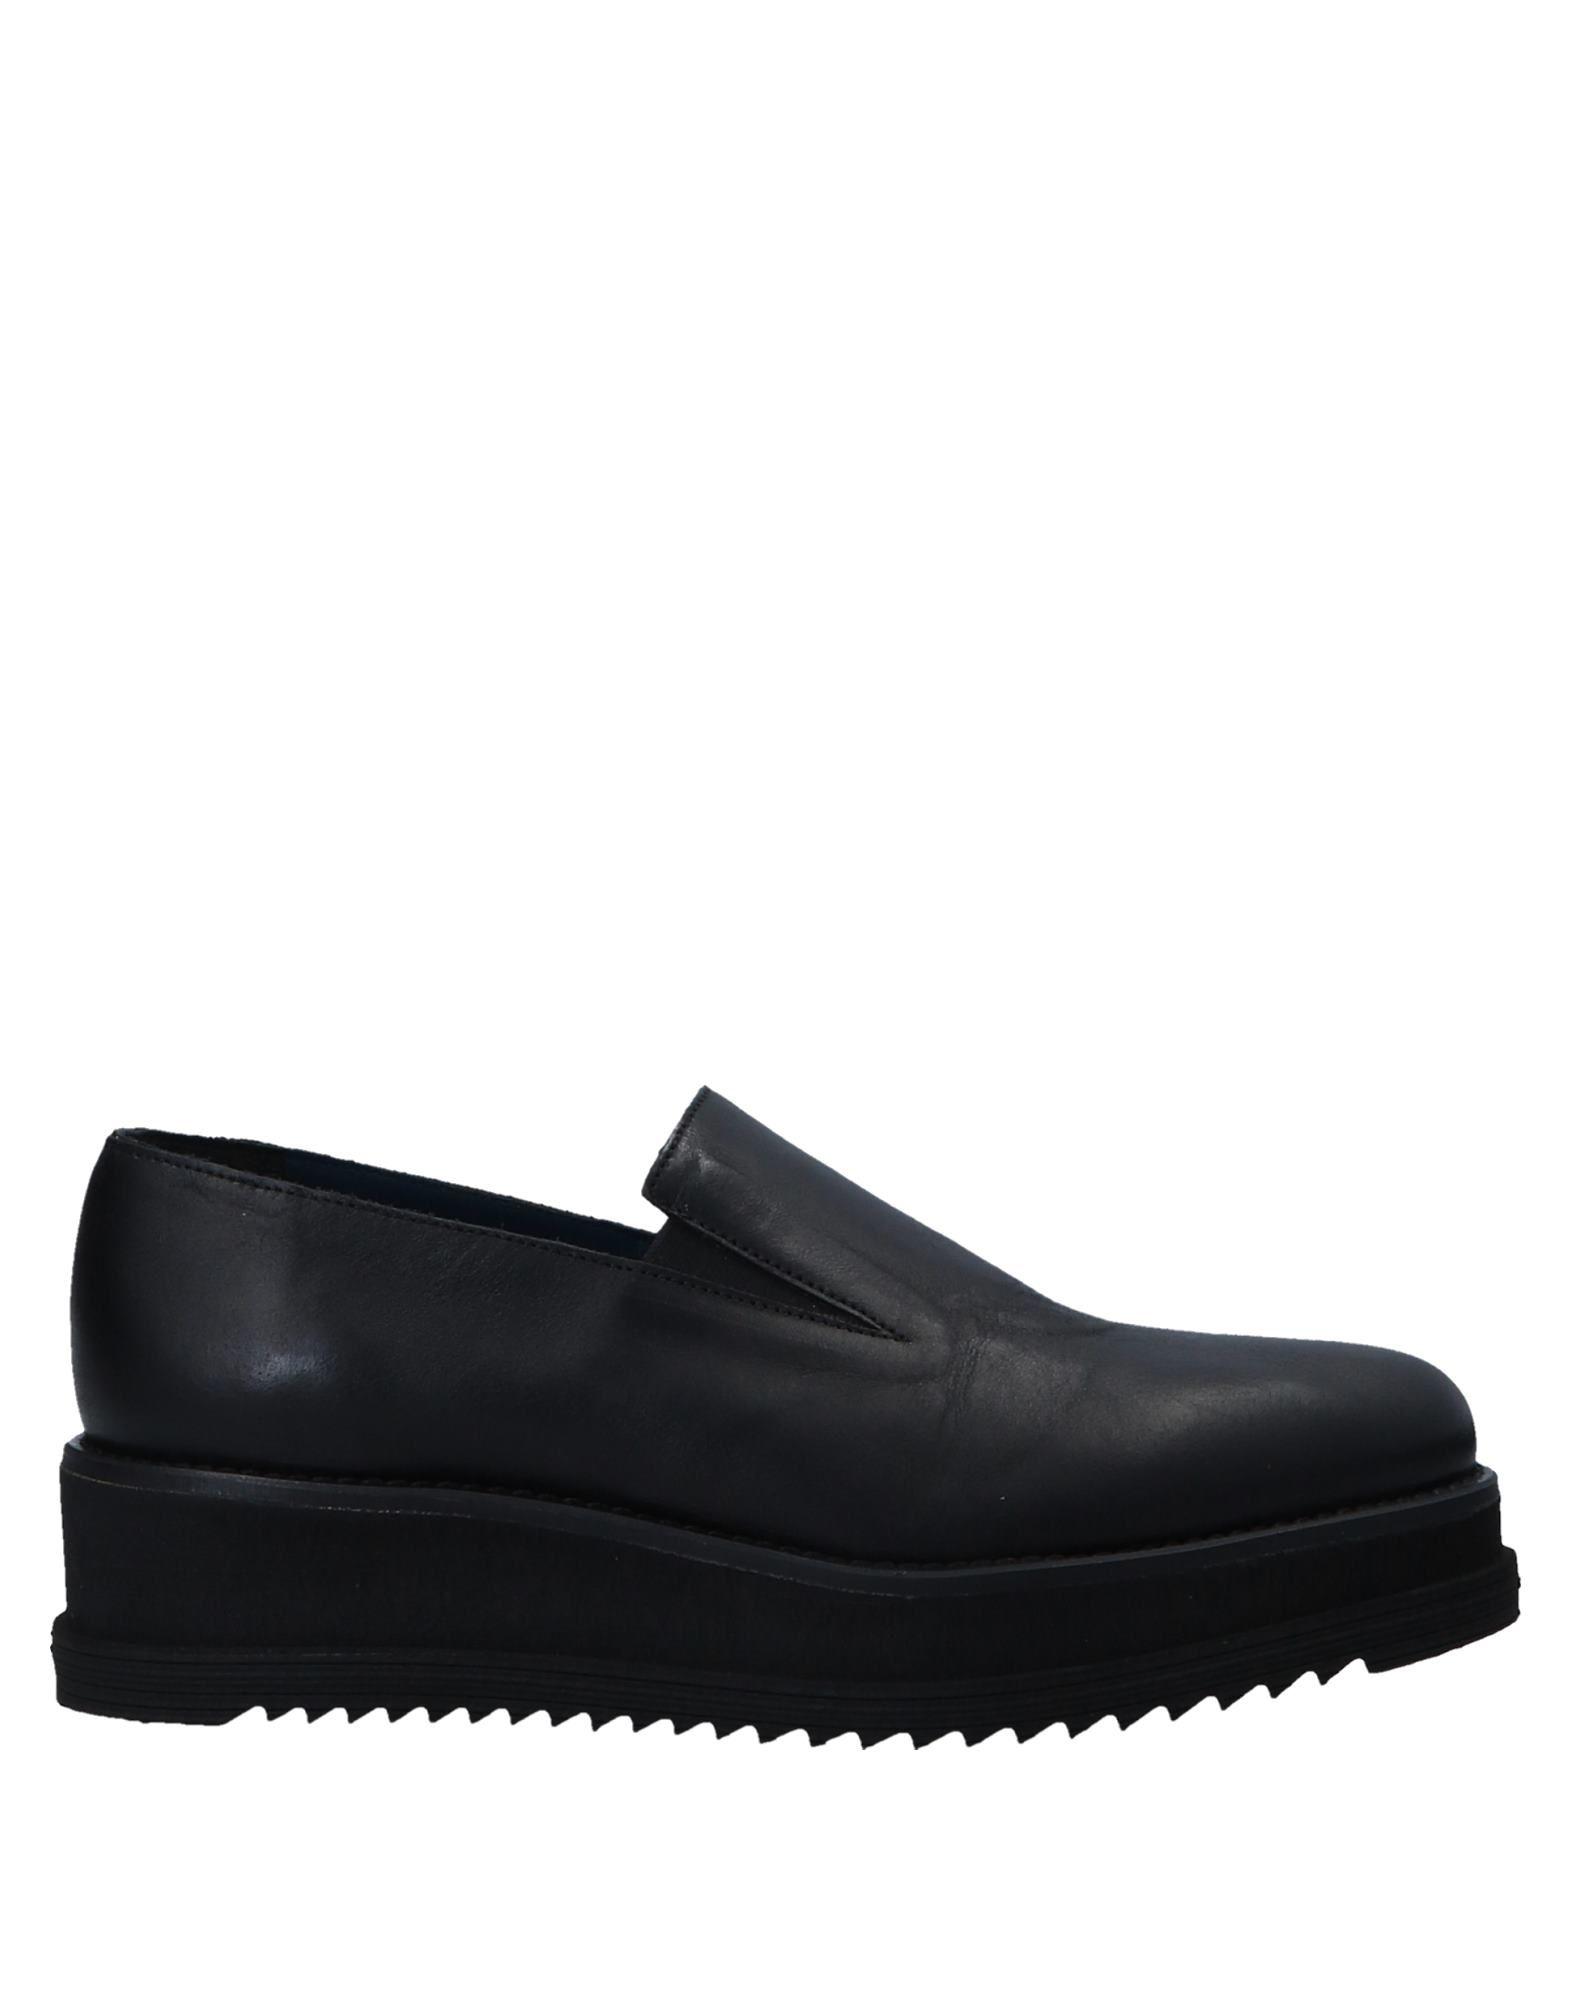 Le Ble Mokassins Damen  11557104QA Gute Qualität beliebte Schuhe